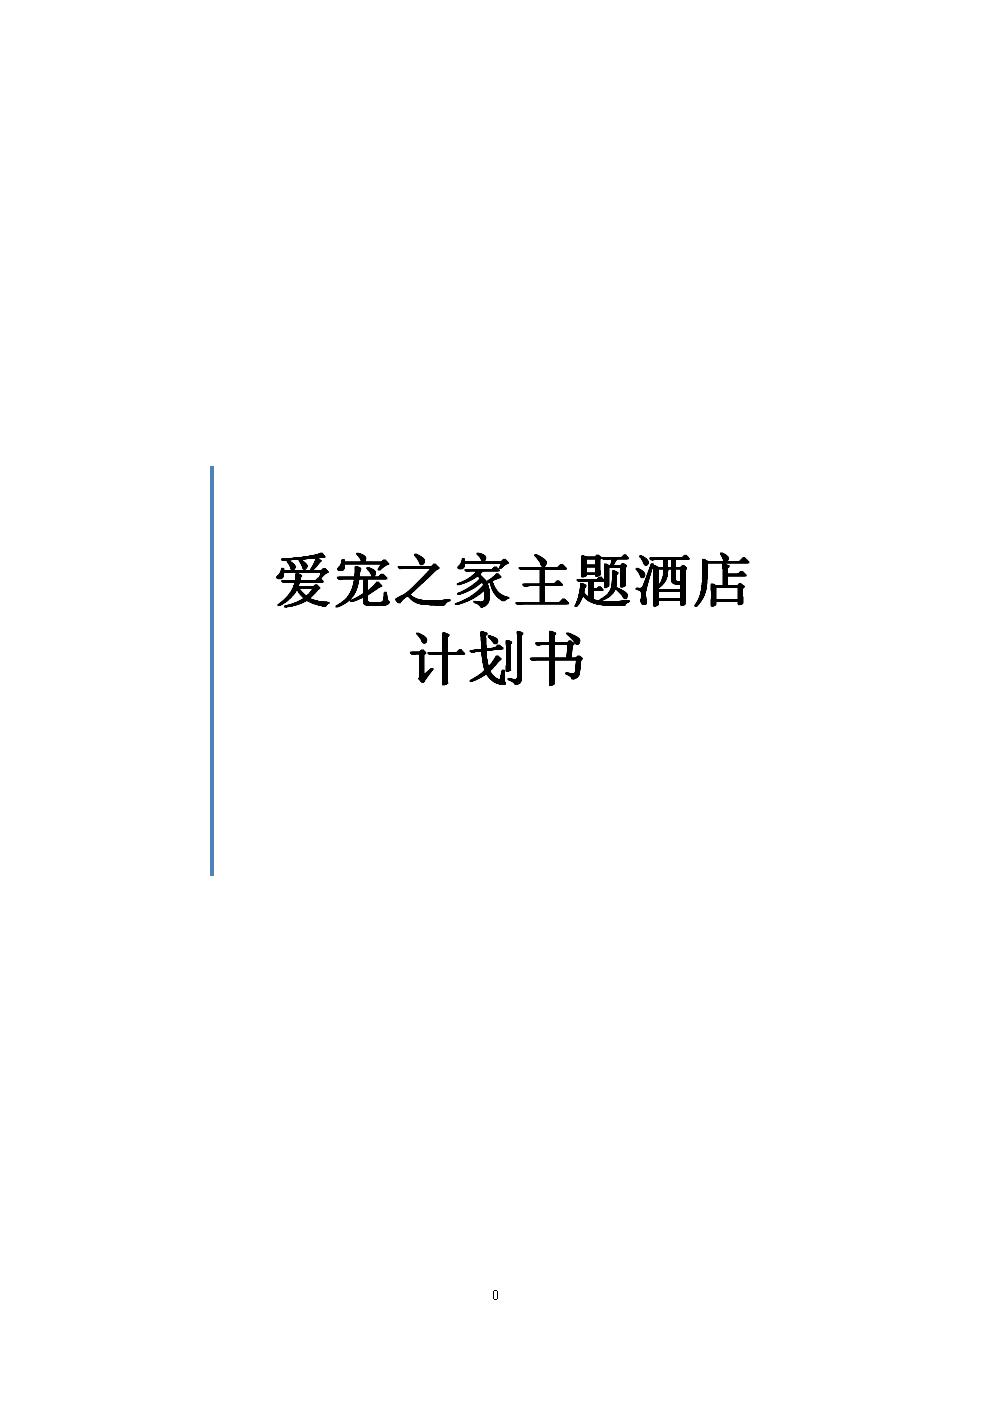 爱宠主题酒店创业策划书.doc